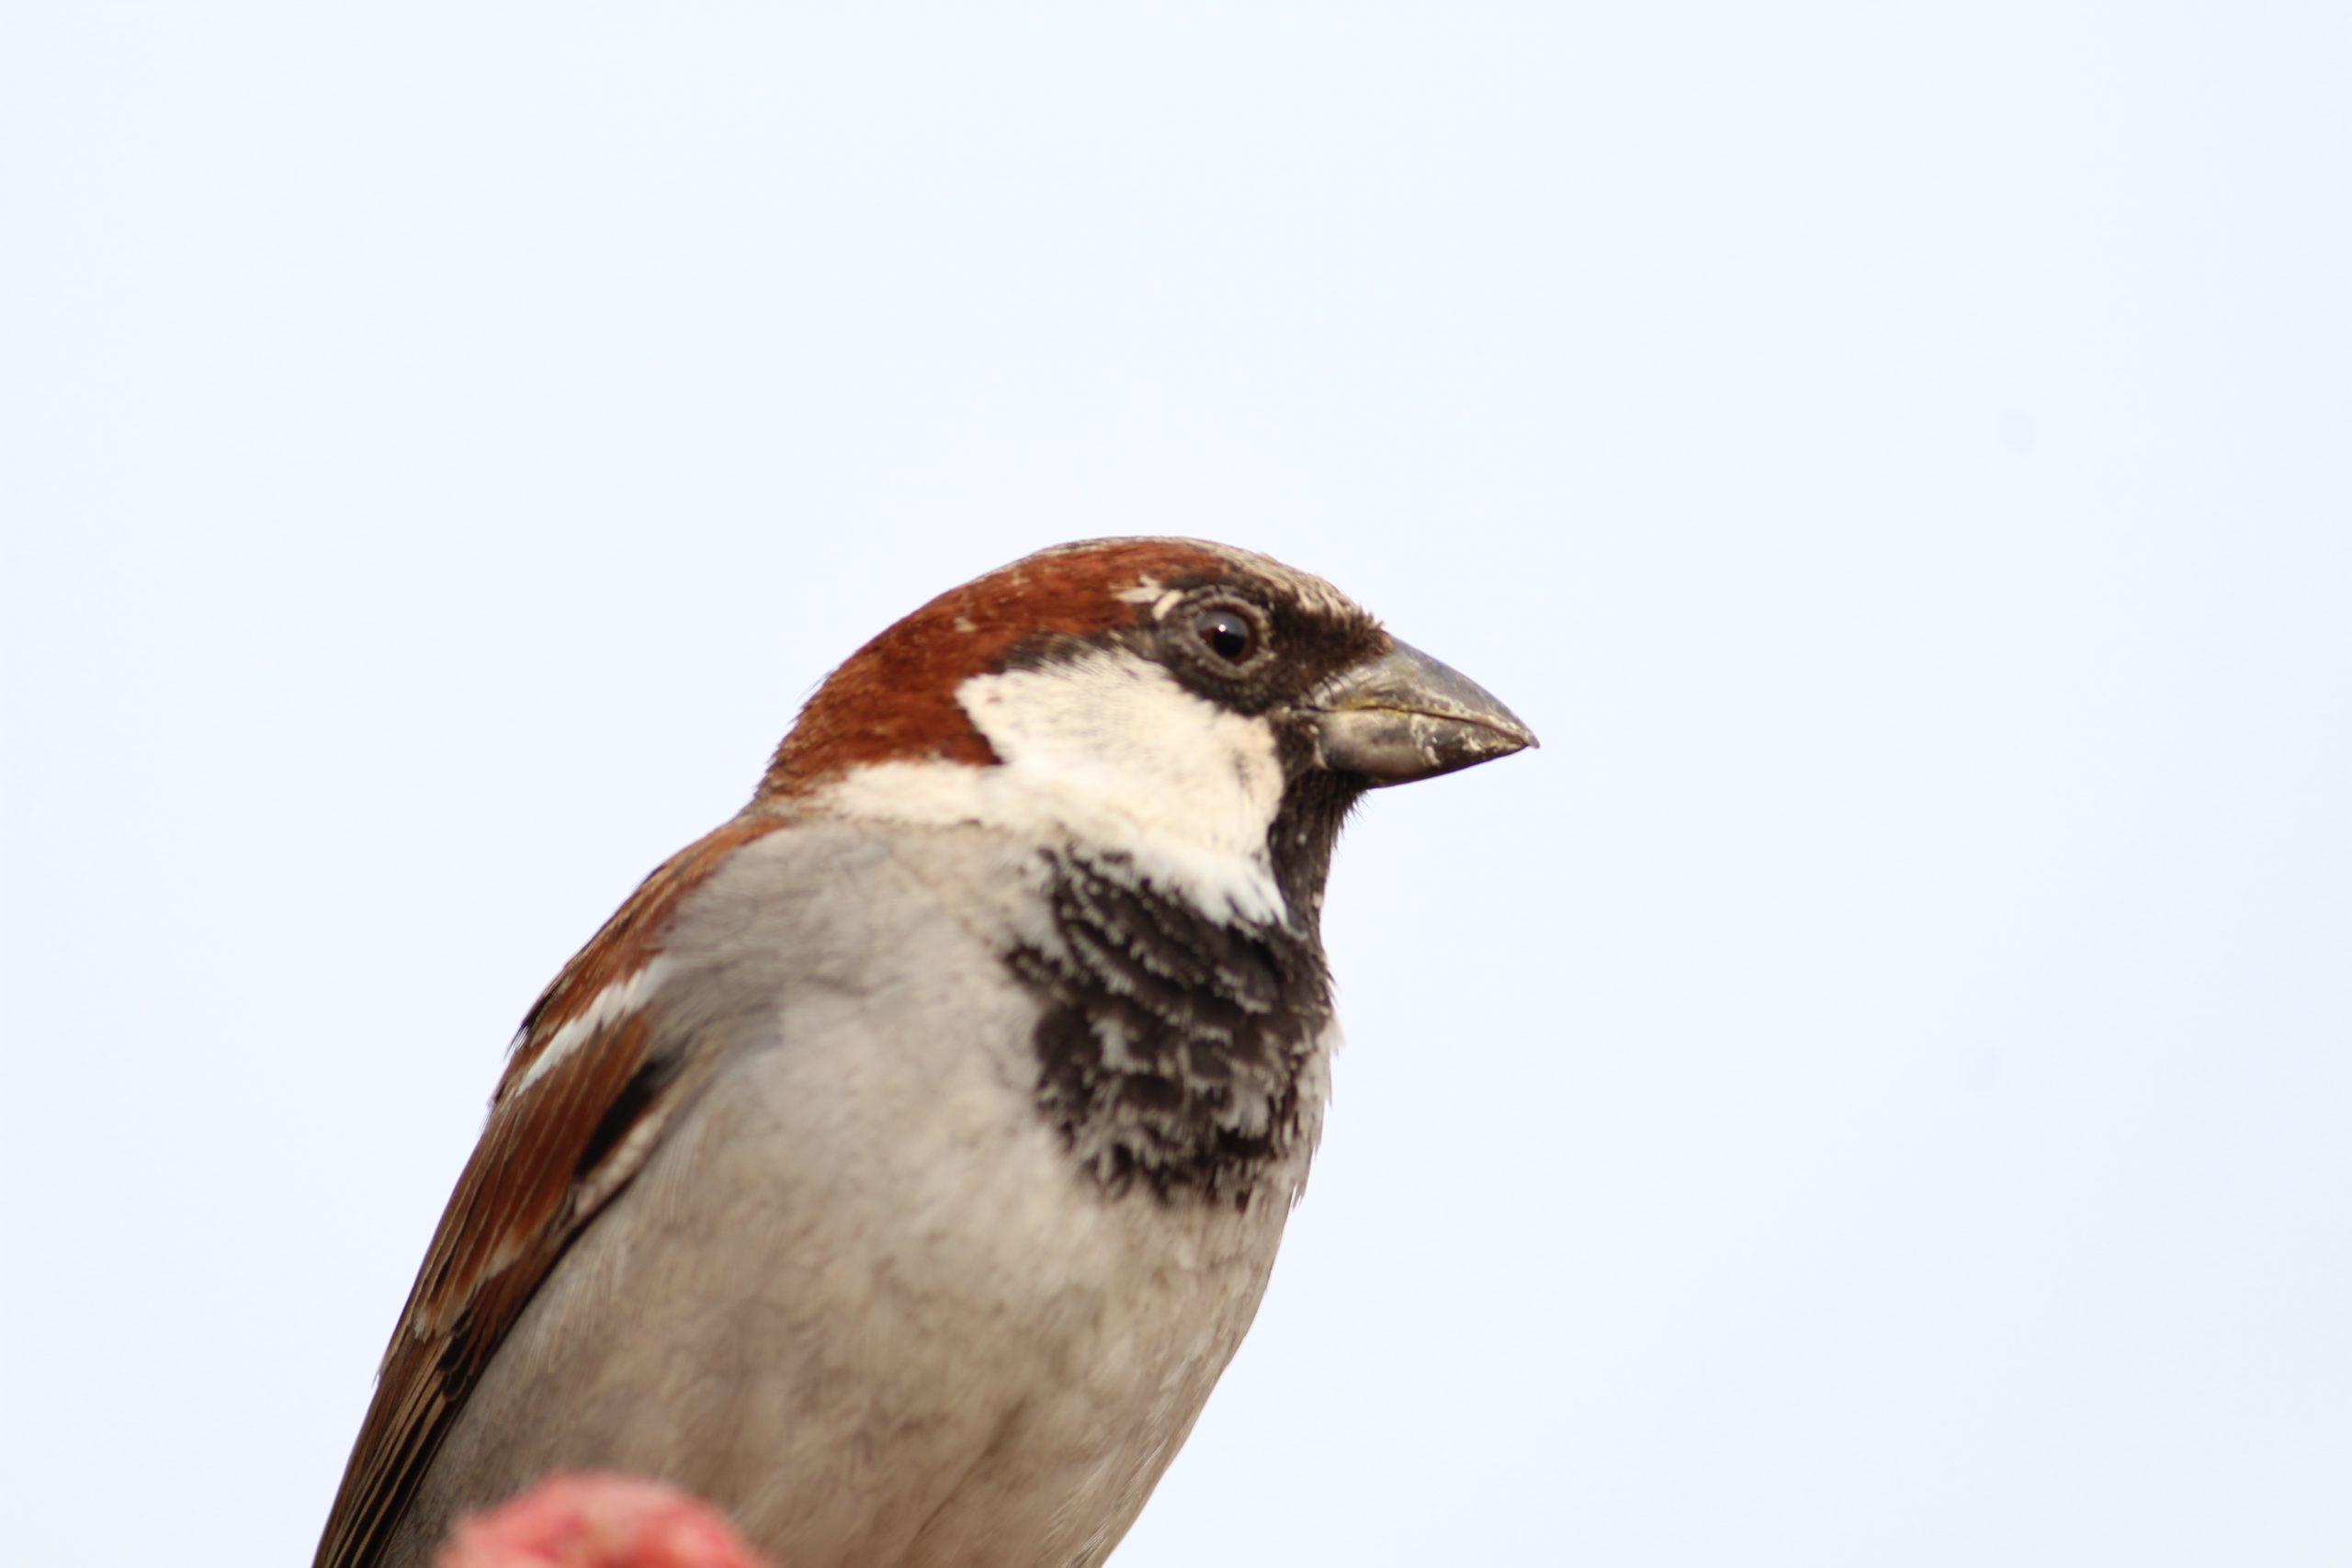 A sparrow